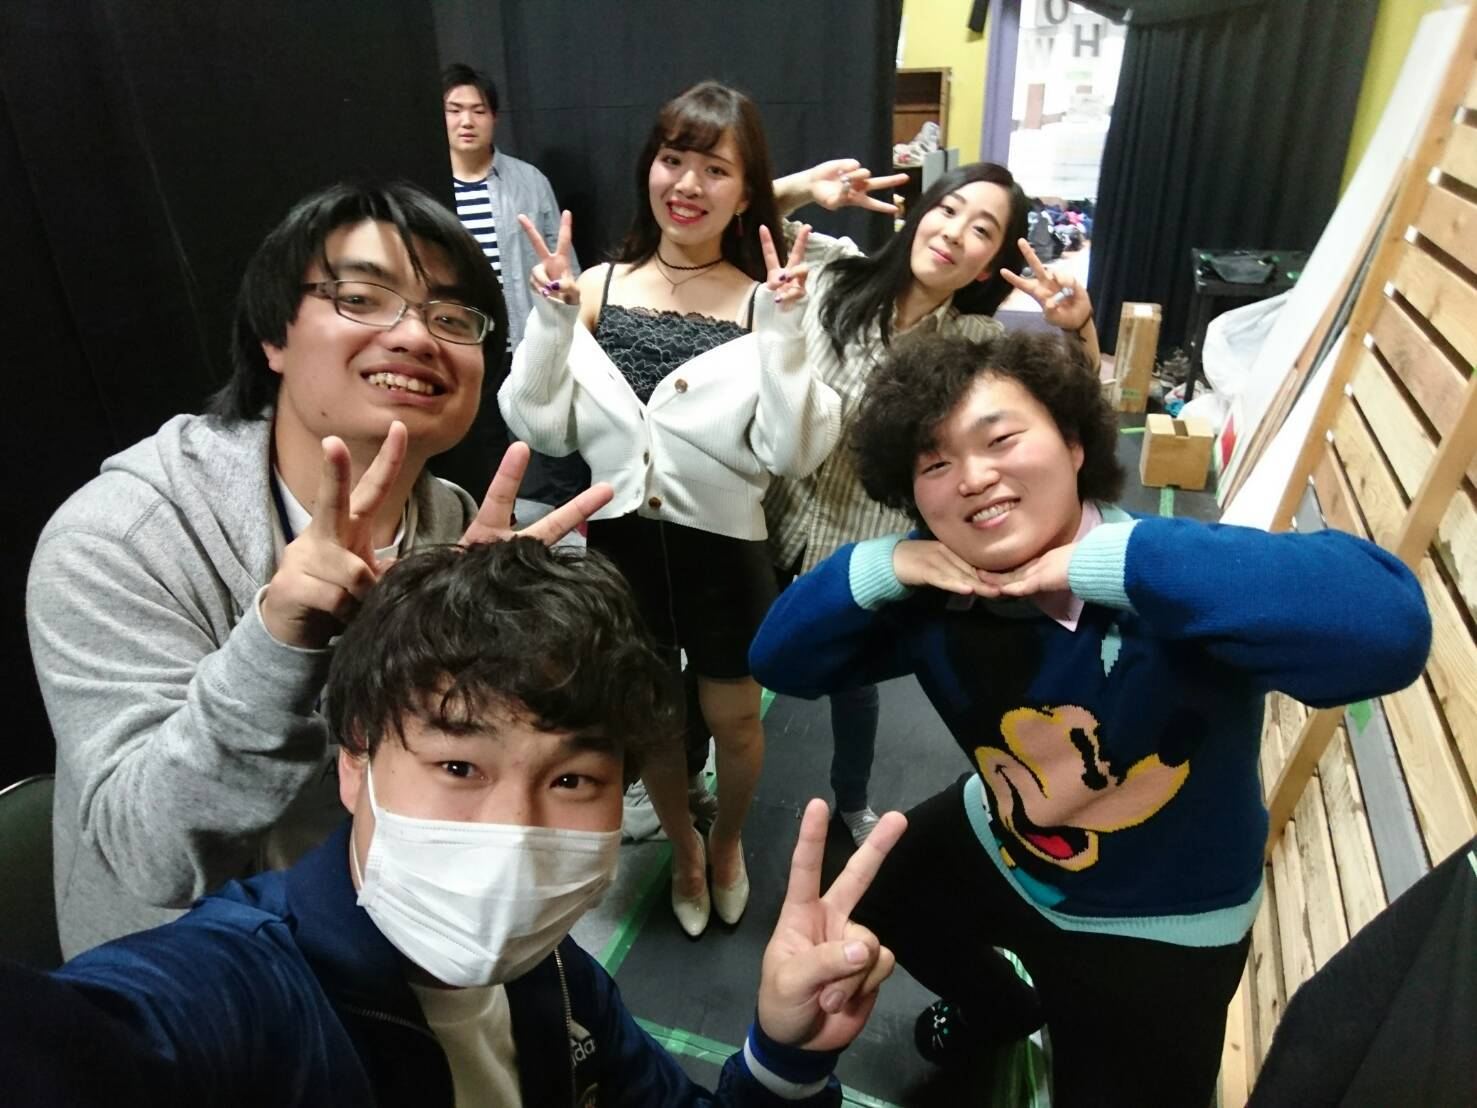 日誌 3月10日 (日) ついに開幕!3月公演初日だYO! byタケちゃん_a0137821_23241047.jpg